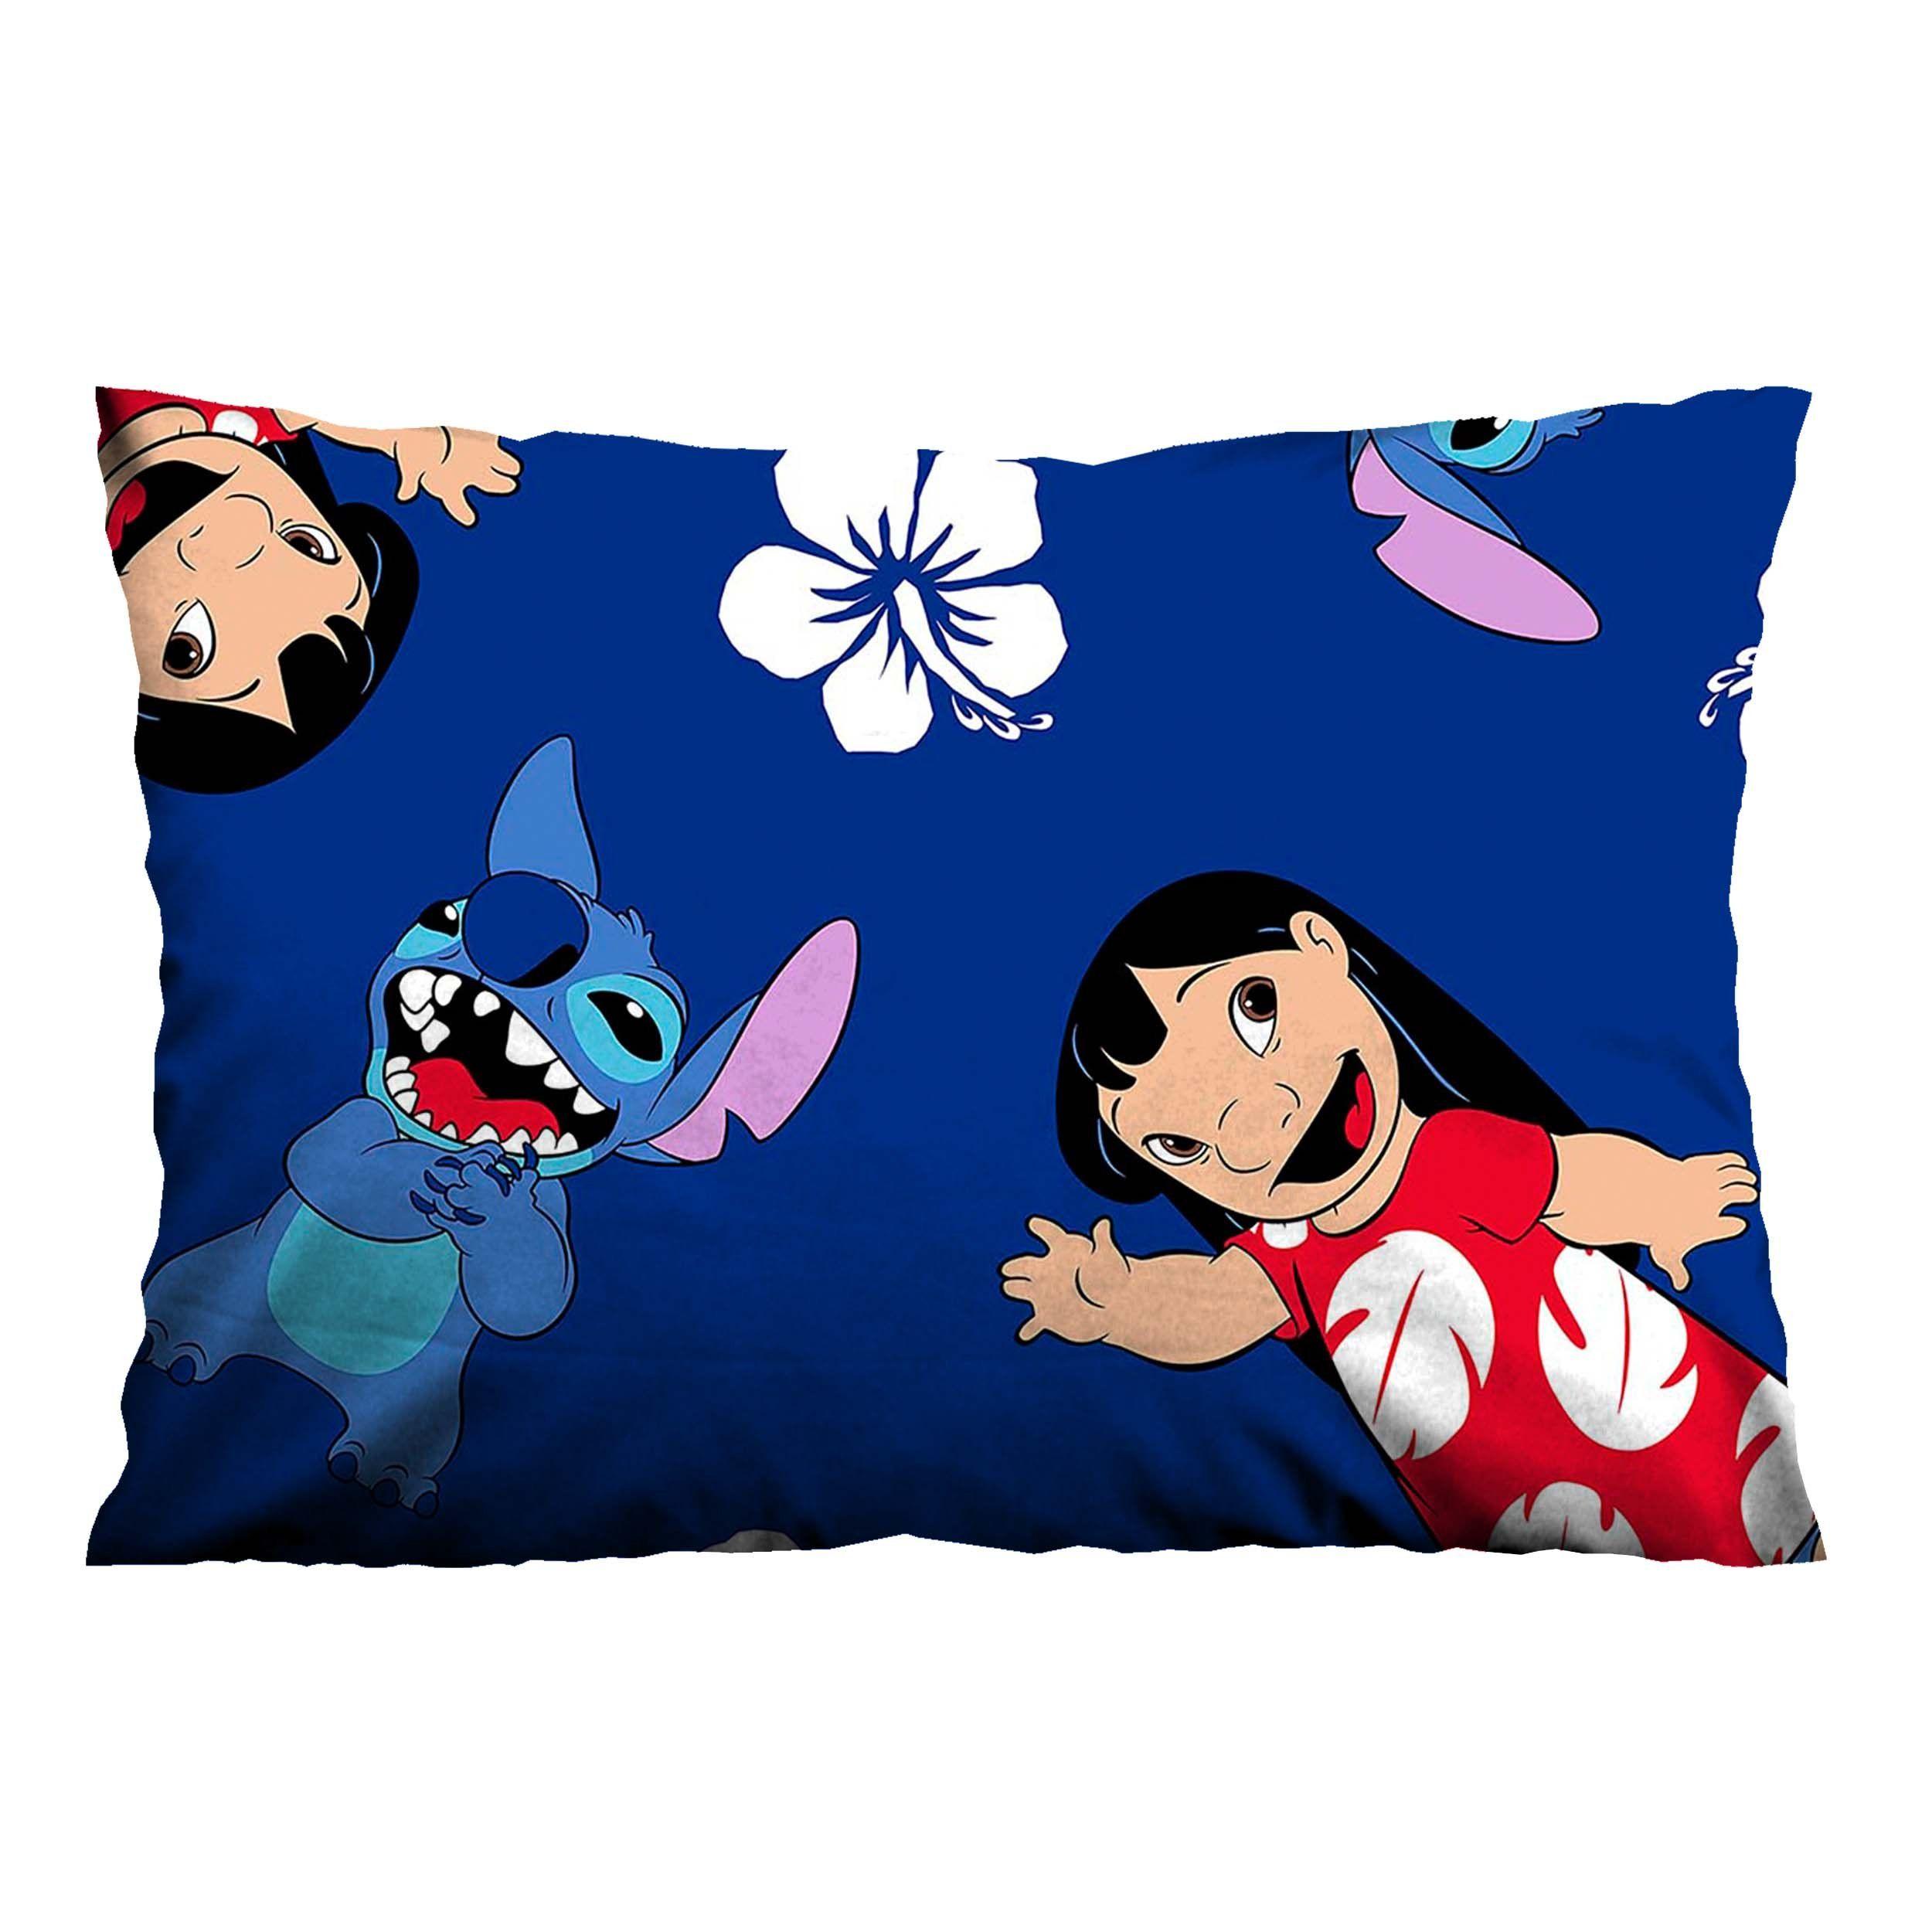 LILO AND STITCH DISNEY 2 Pillow Case Cover - Casefine #stitchdisney